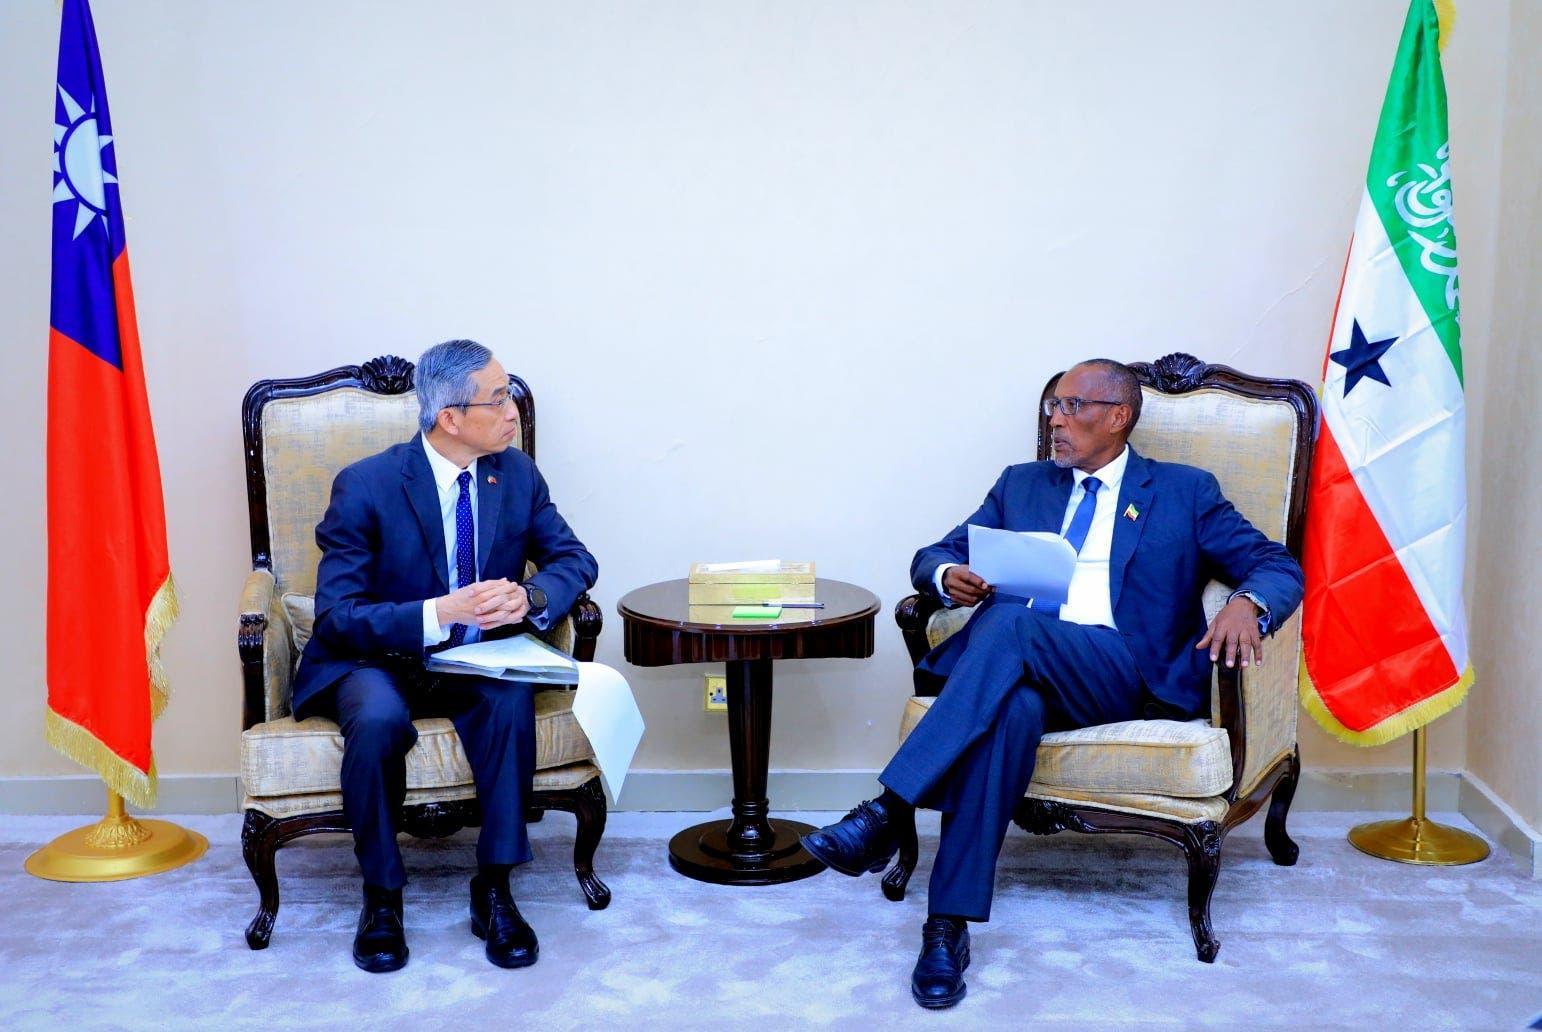 Taiwan iyo Somaliland oo bilaabay fulinta 'qeyb ka mid ah' heshiiski buuqa dhaliyay